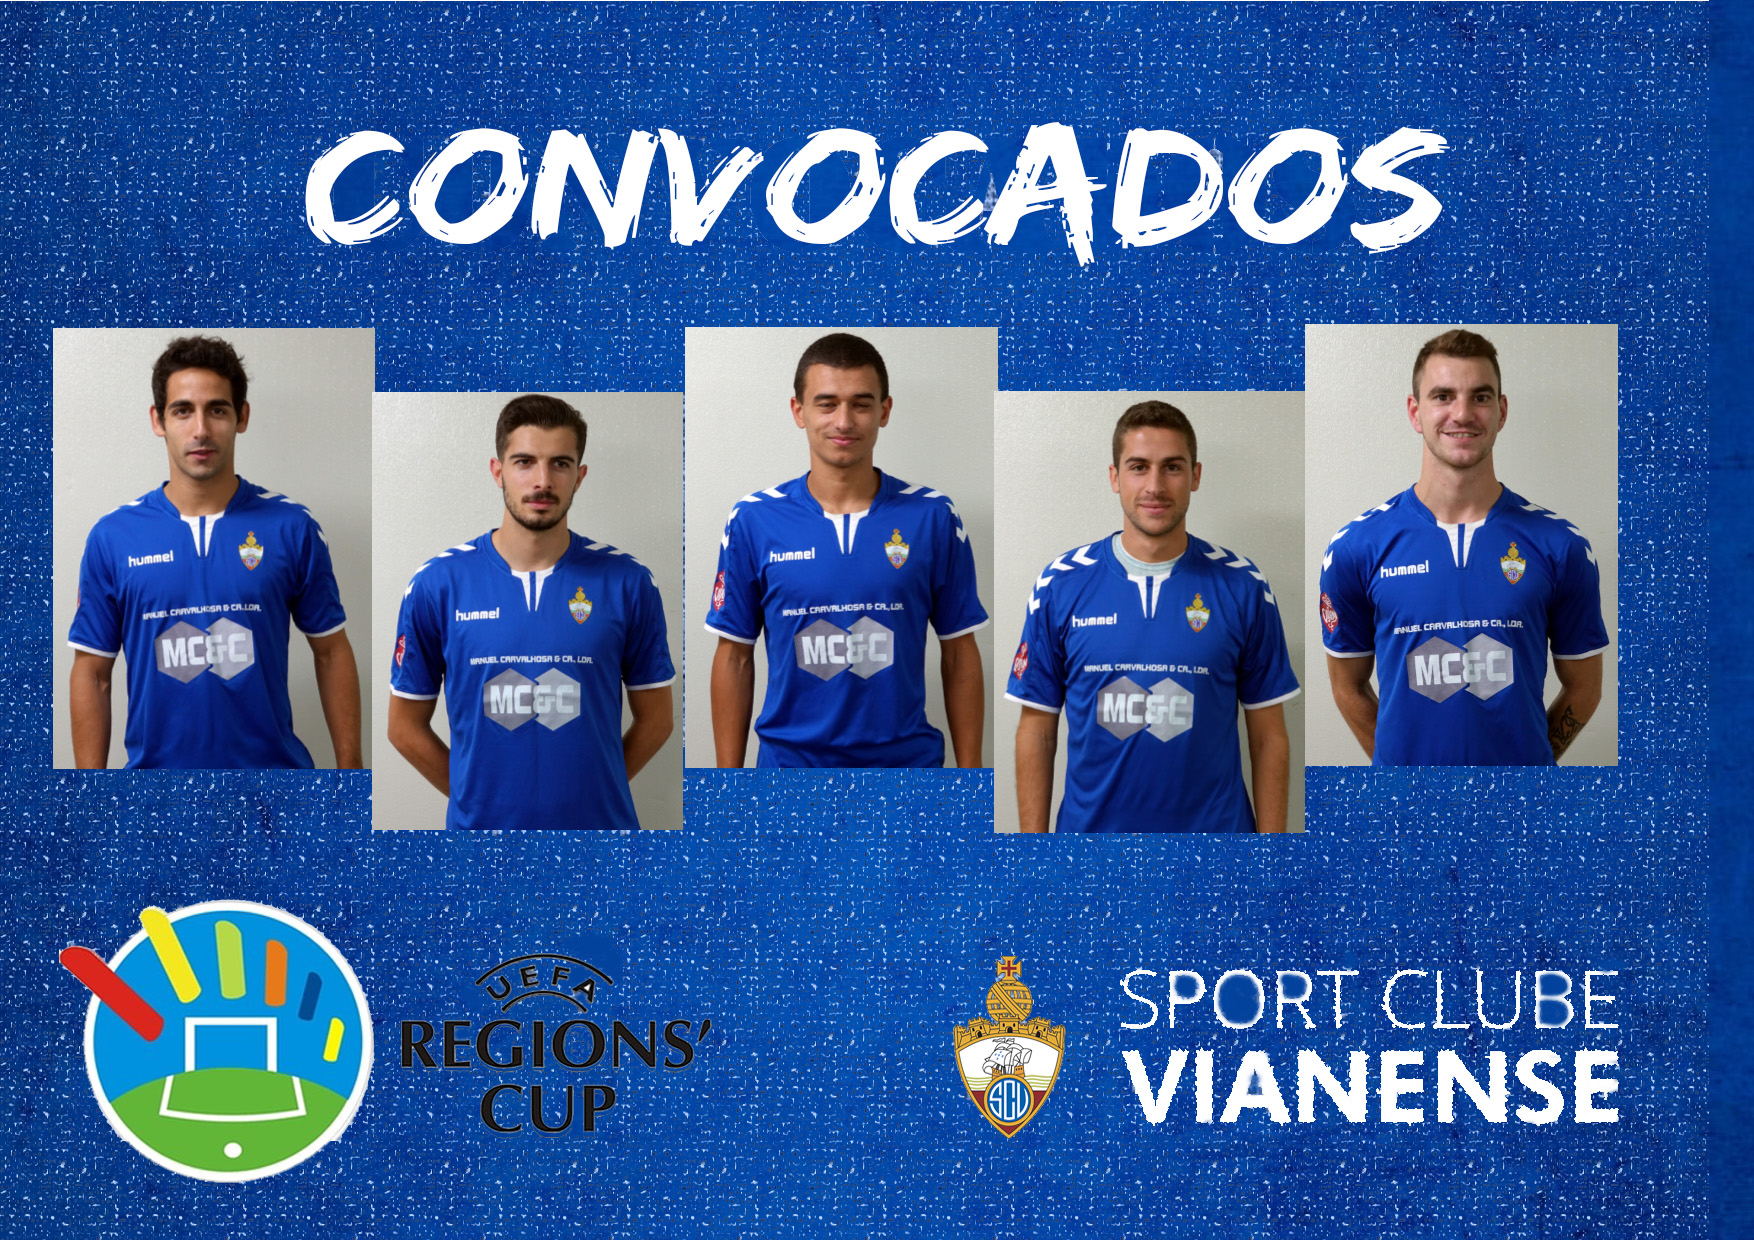 Taça de Regiões FPF – UEFA: 5 Atletas do SC Vianense convocados para a Seleção Distrital Sénior